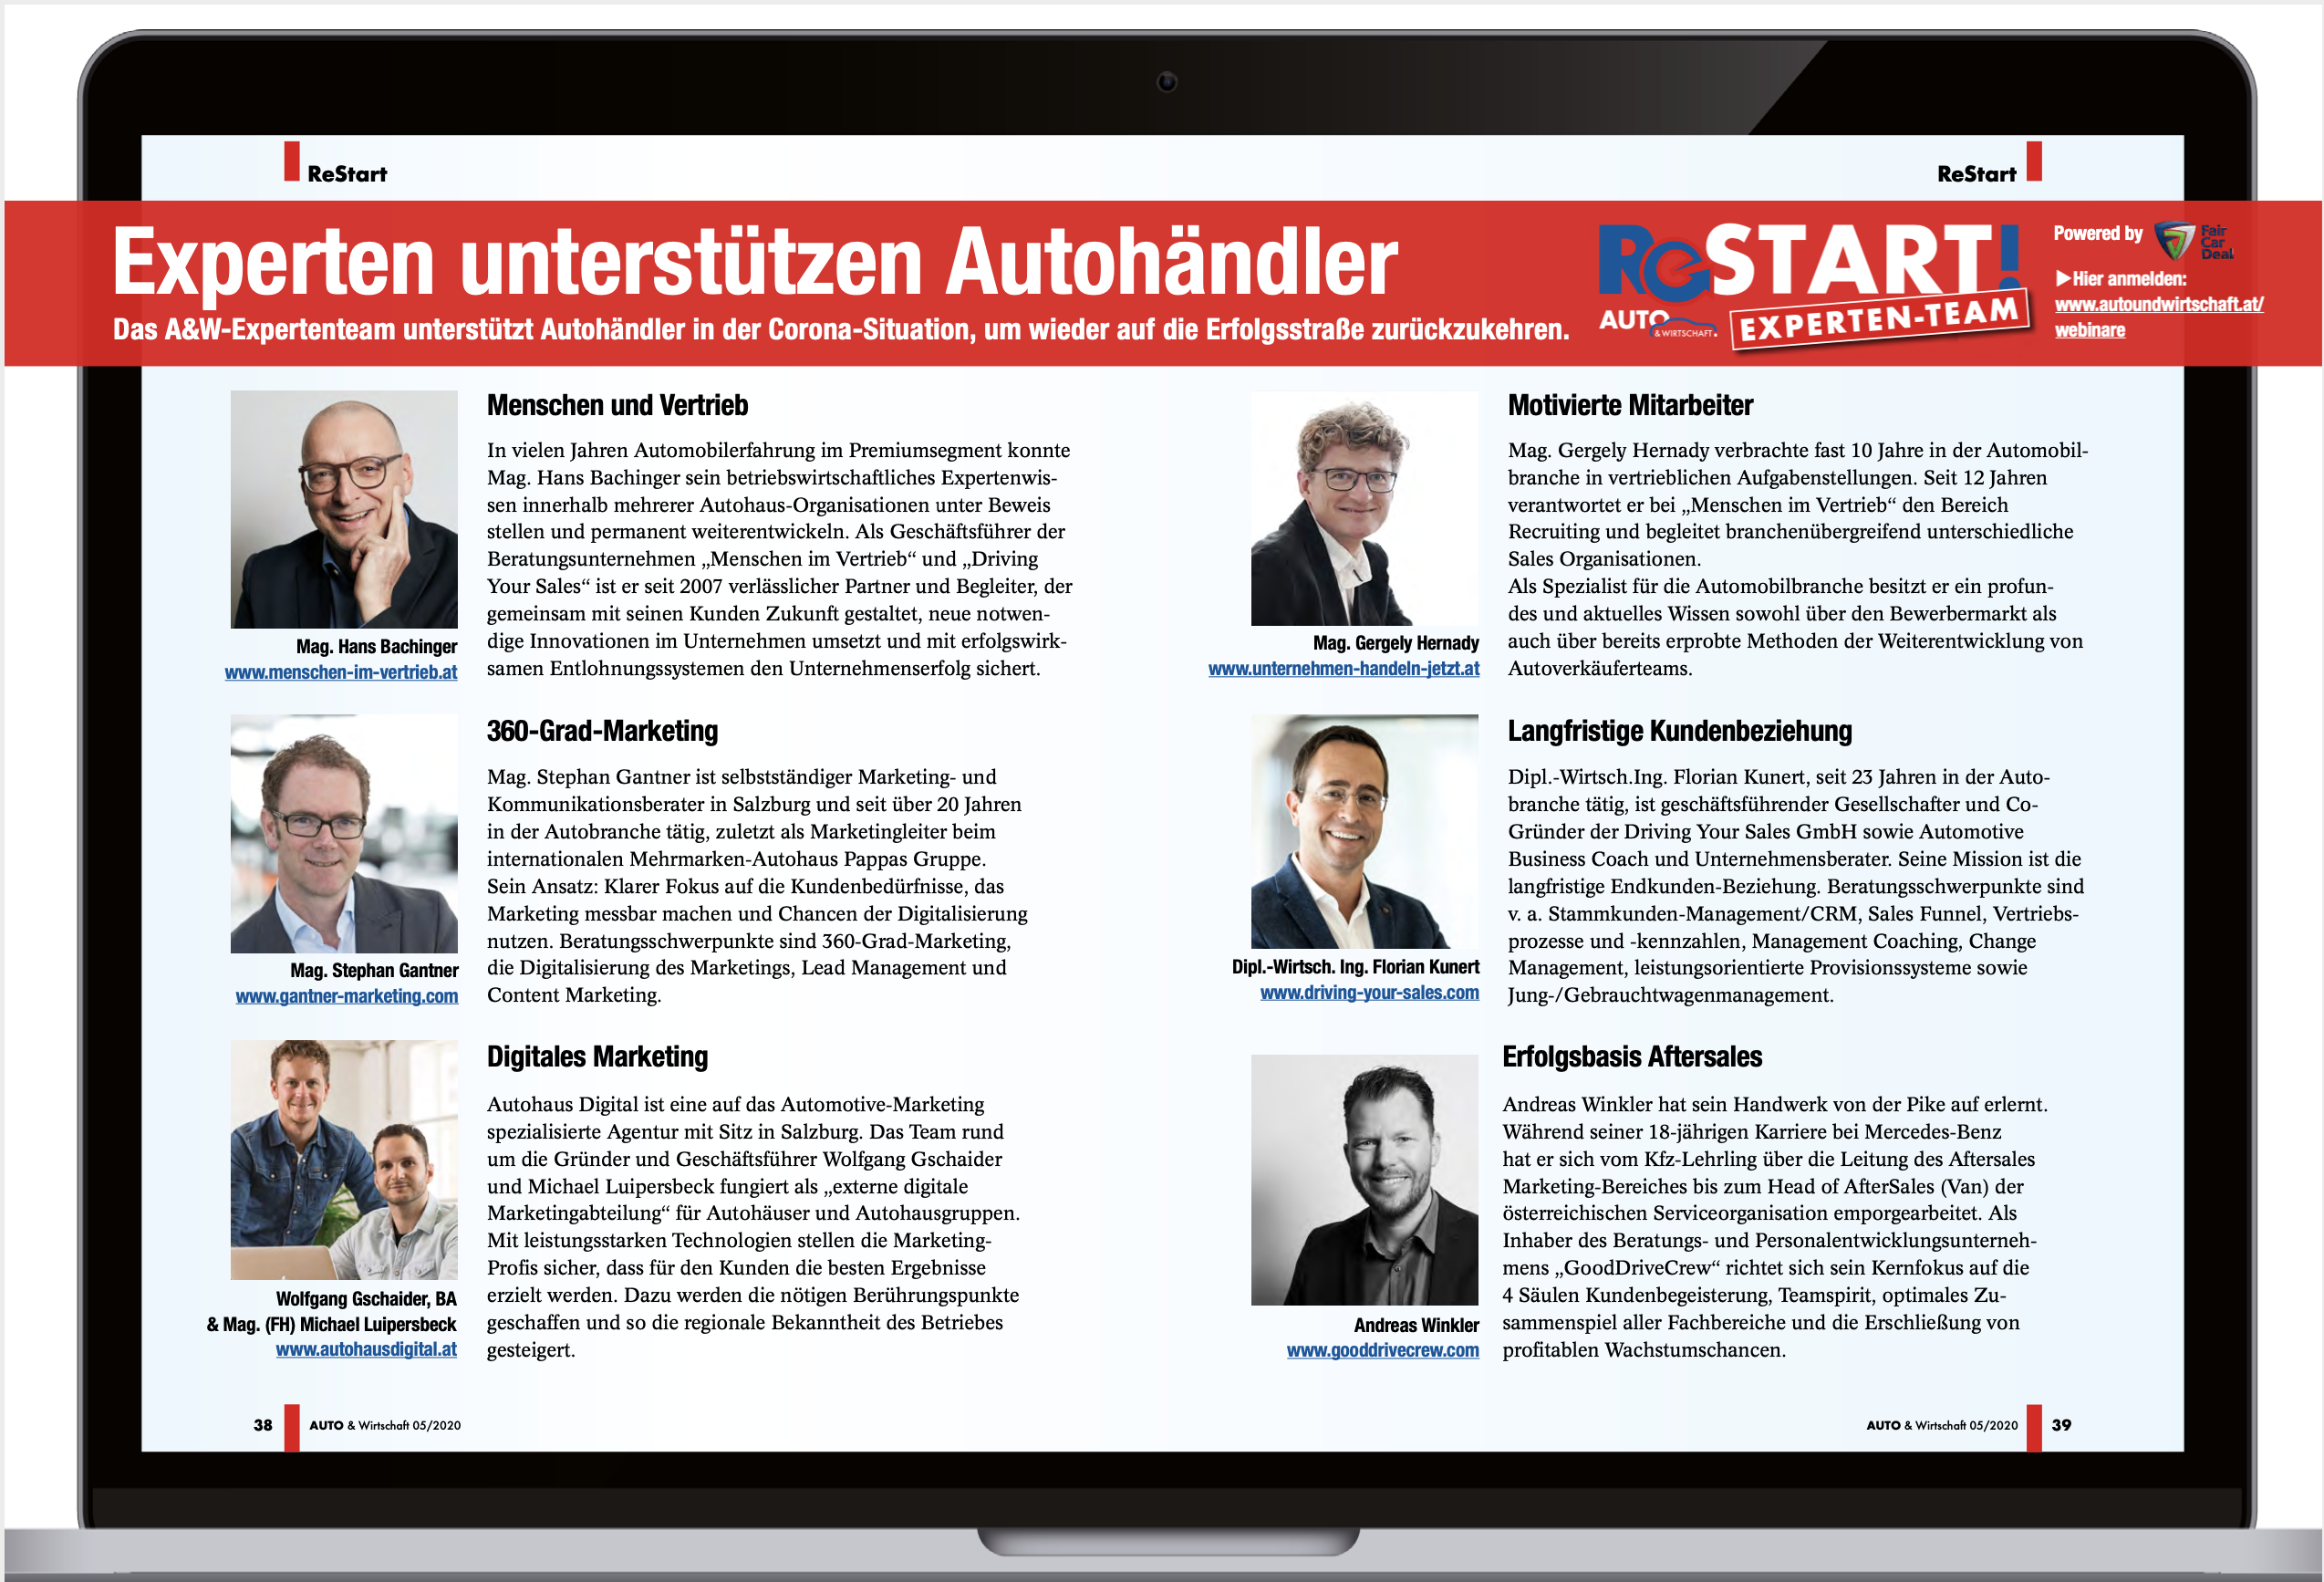 ReStart Kampagne gemeinsam mit dem A&W Verlag